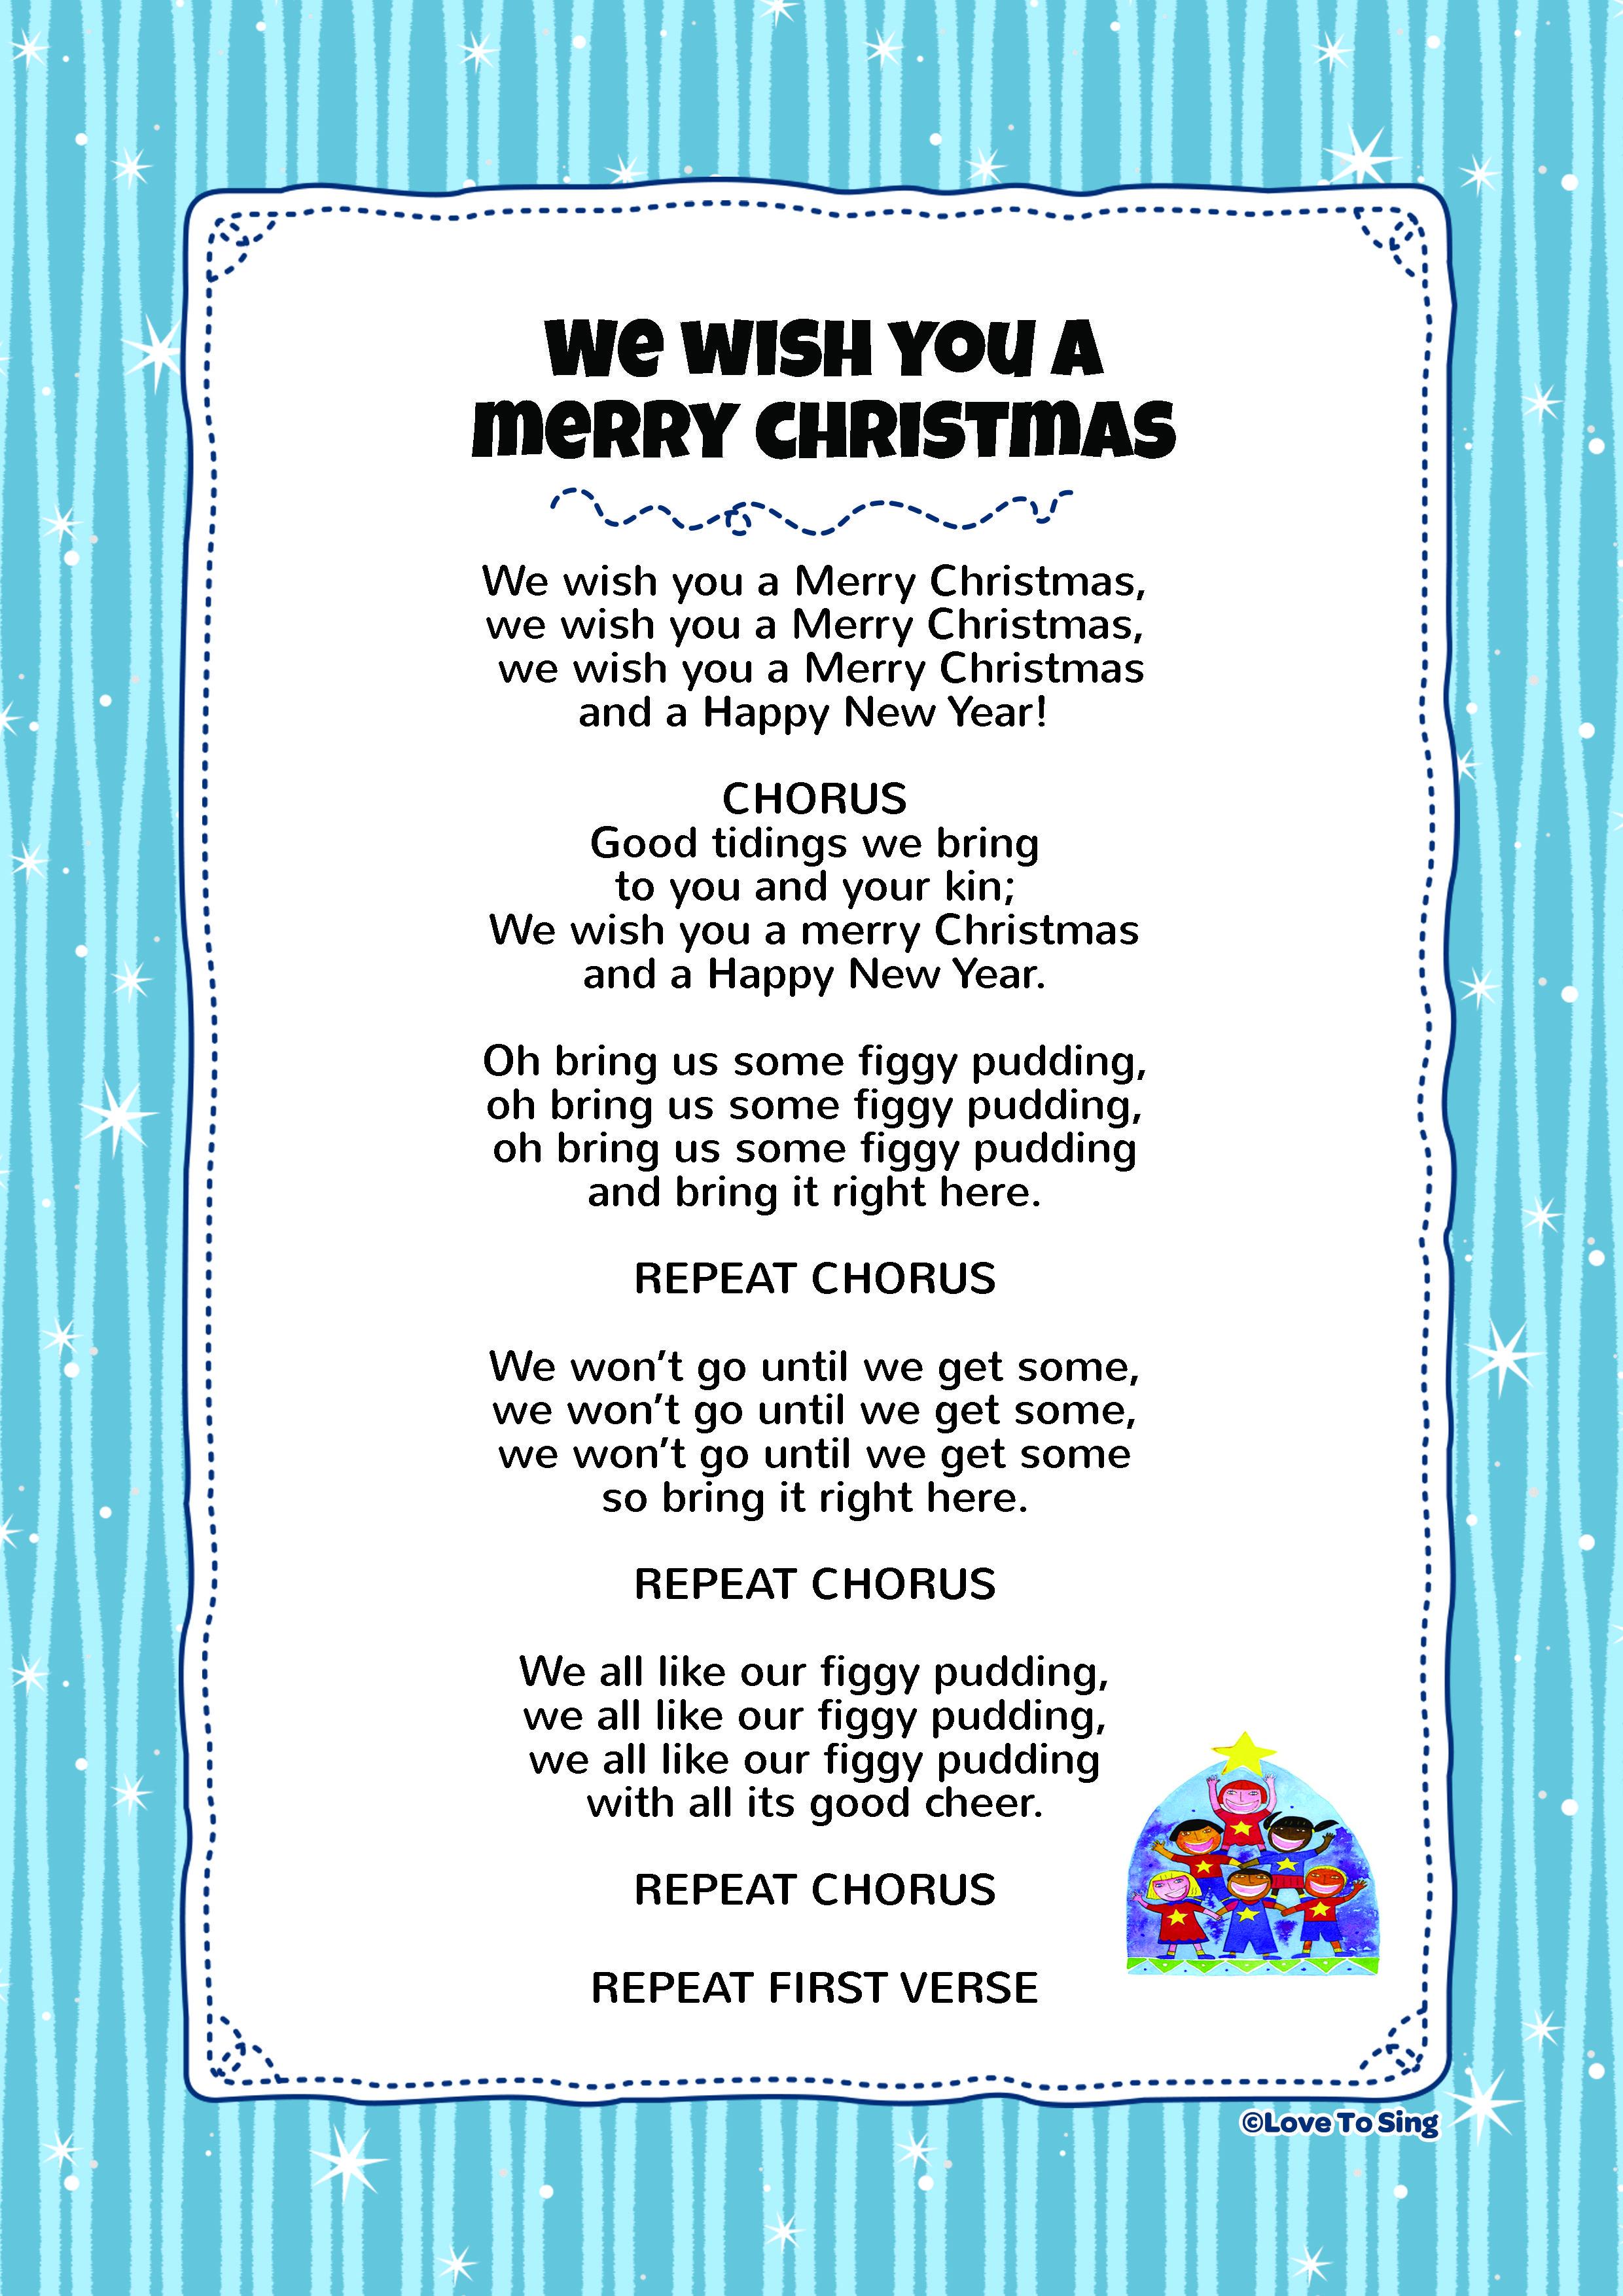 We Wish You A Merry Christmas Christmas songs lyrics